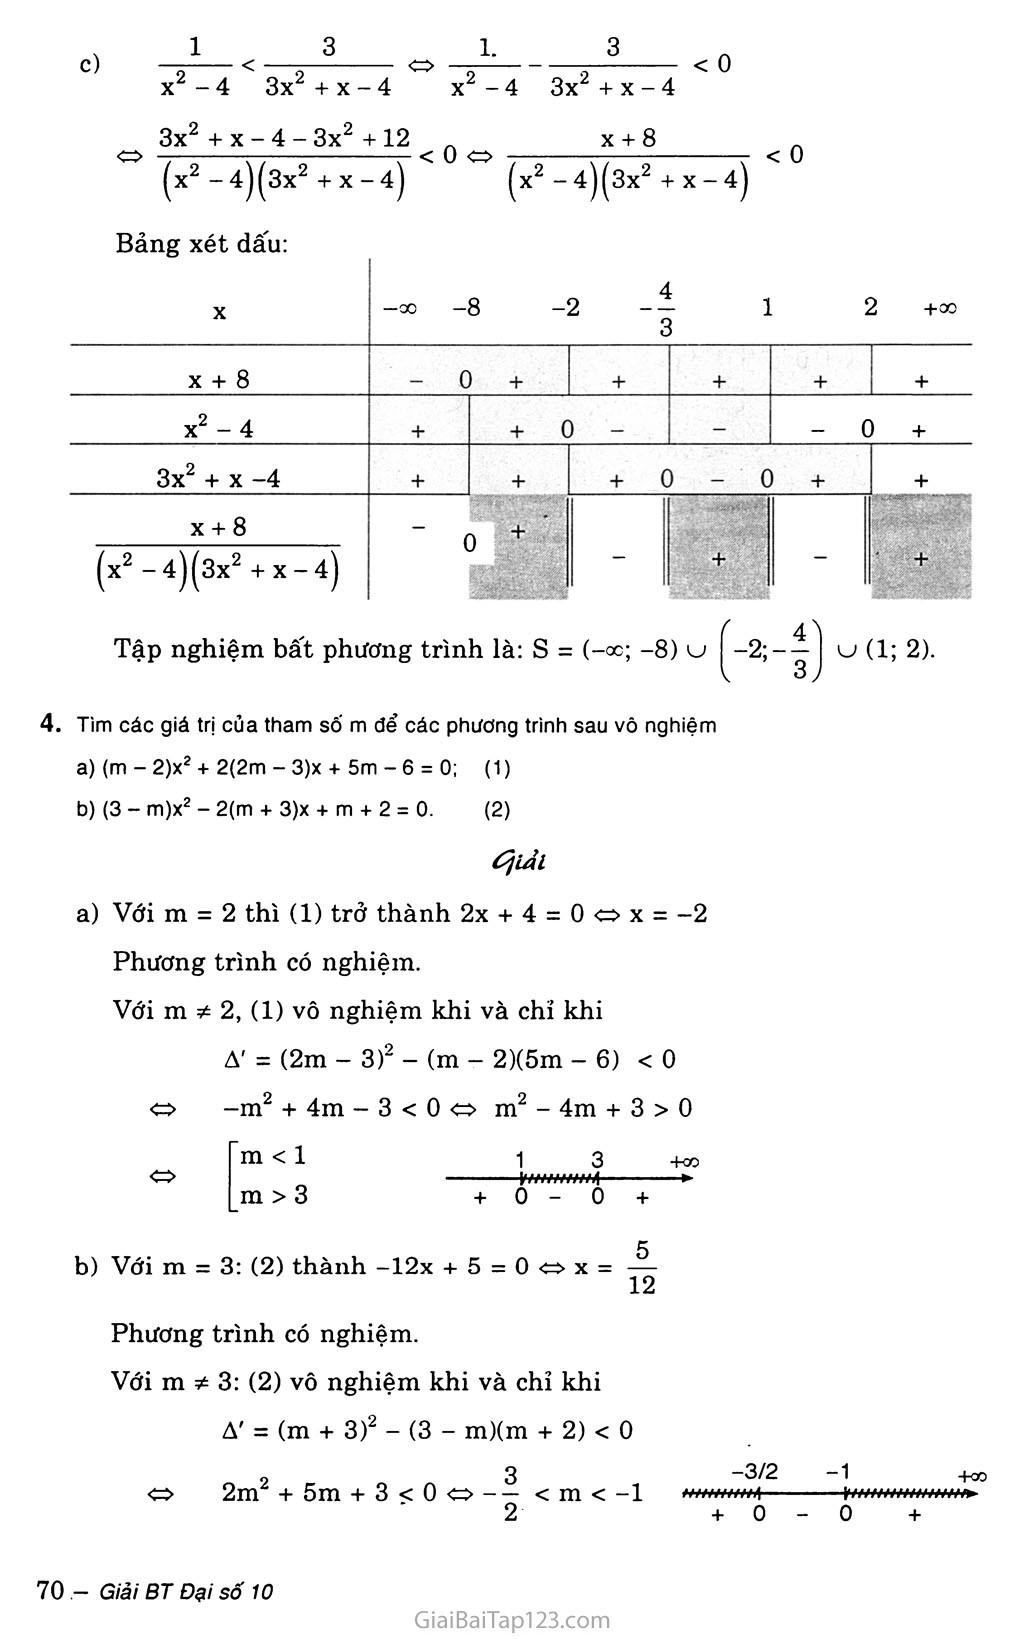 Bài 5. Dấu của tam thức bậc hai trang 5